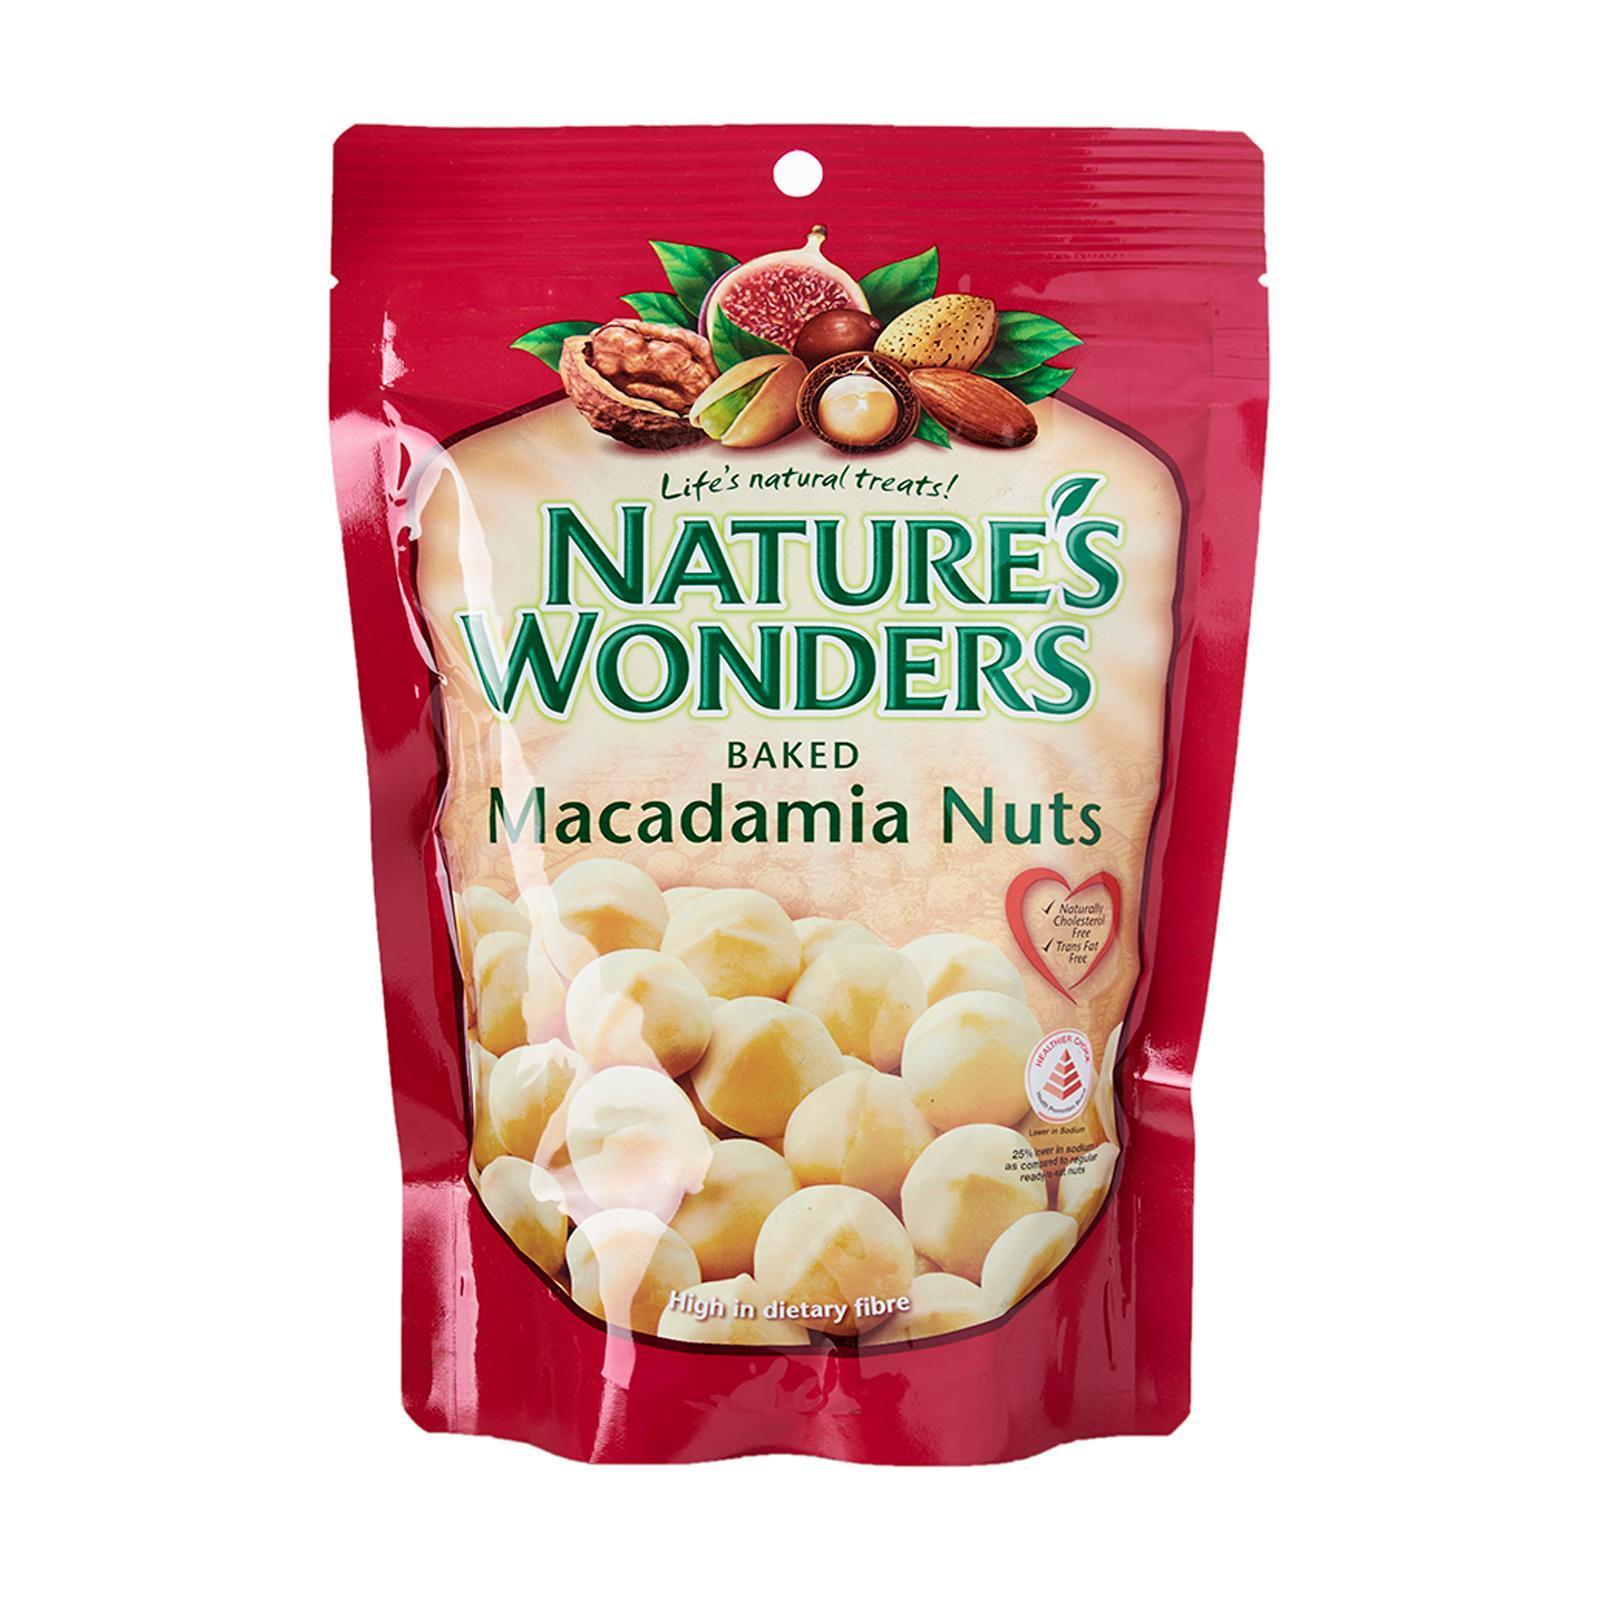 NATURE'S WONDERS Baked Macadamia 220g